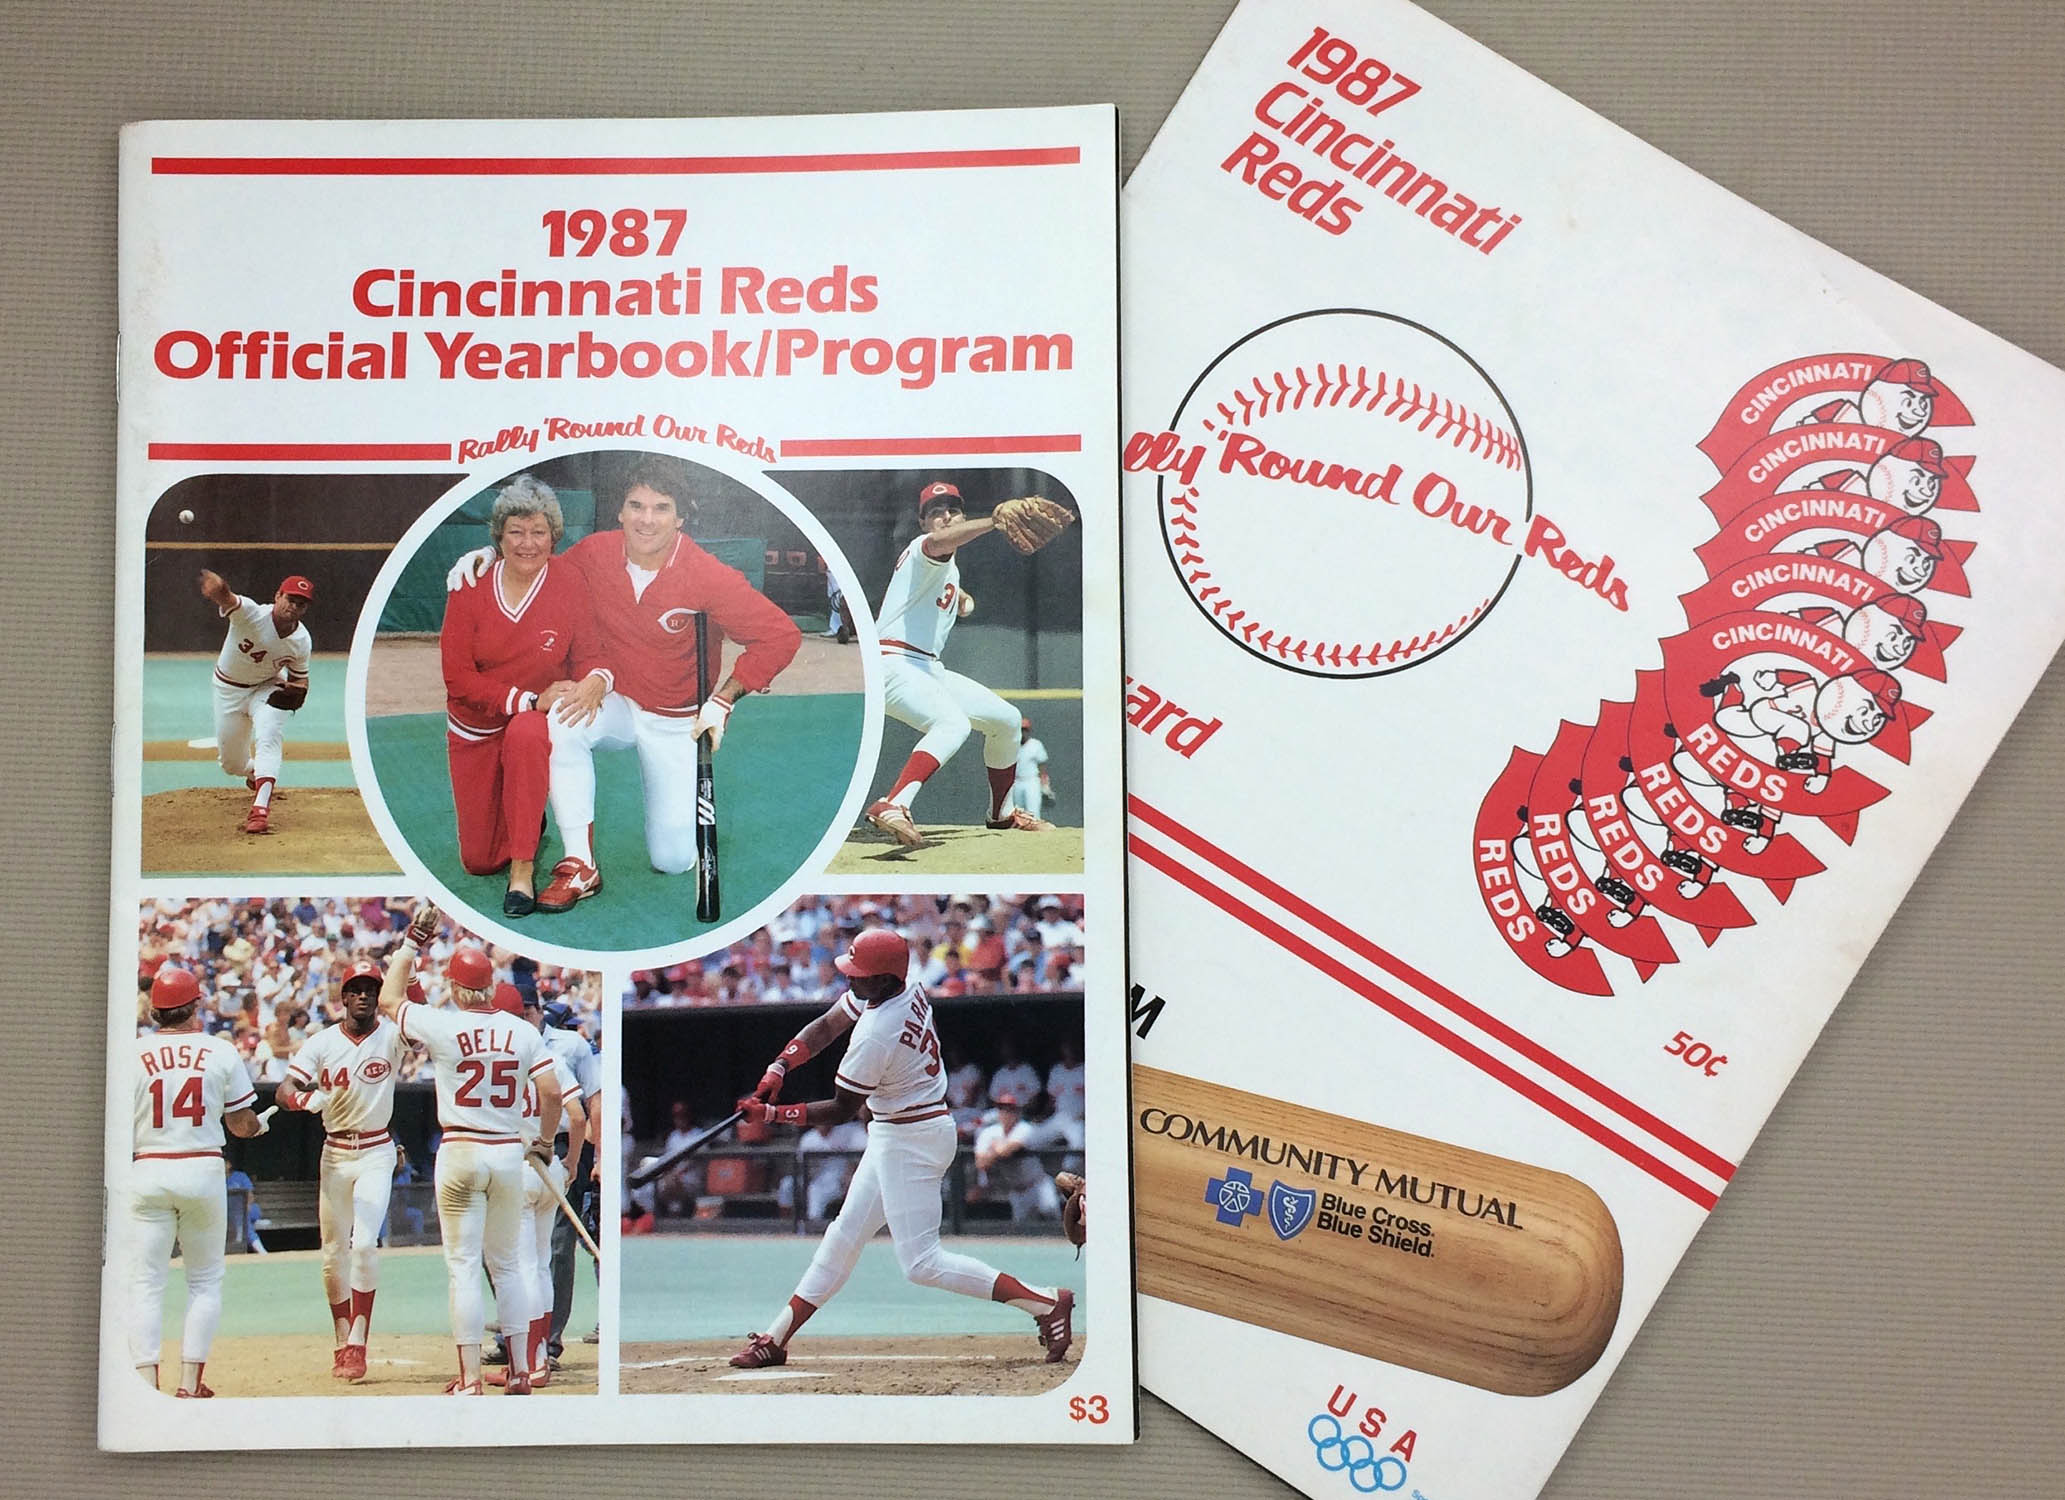 Cincinnati Reds 1987 Program